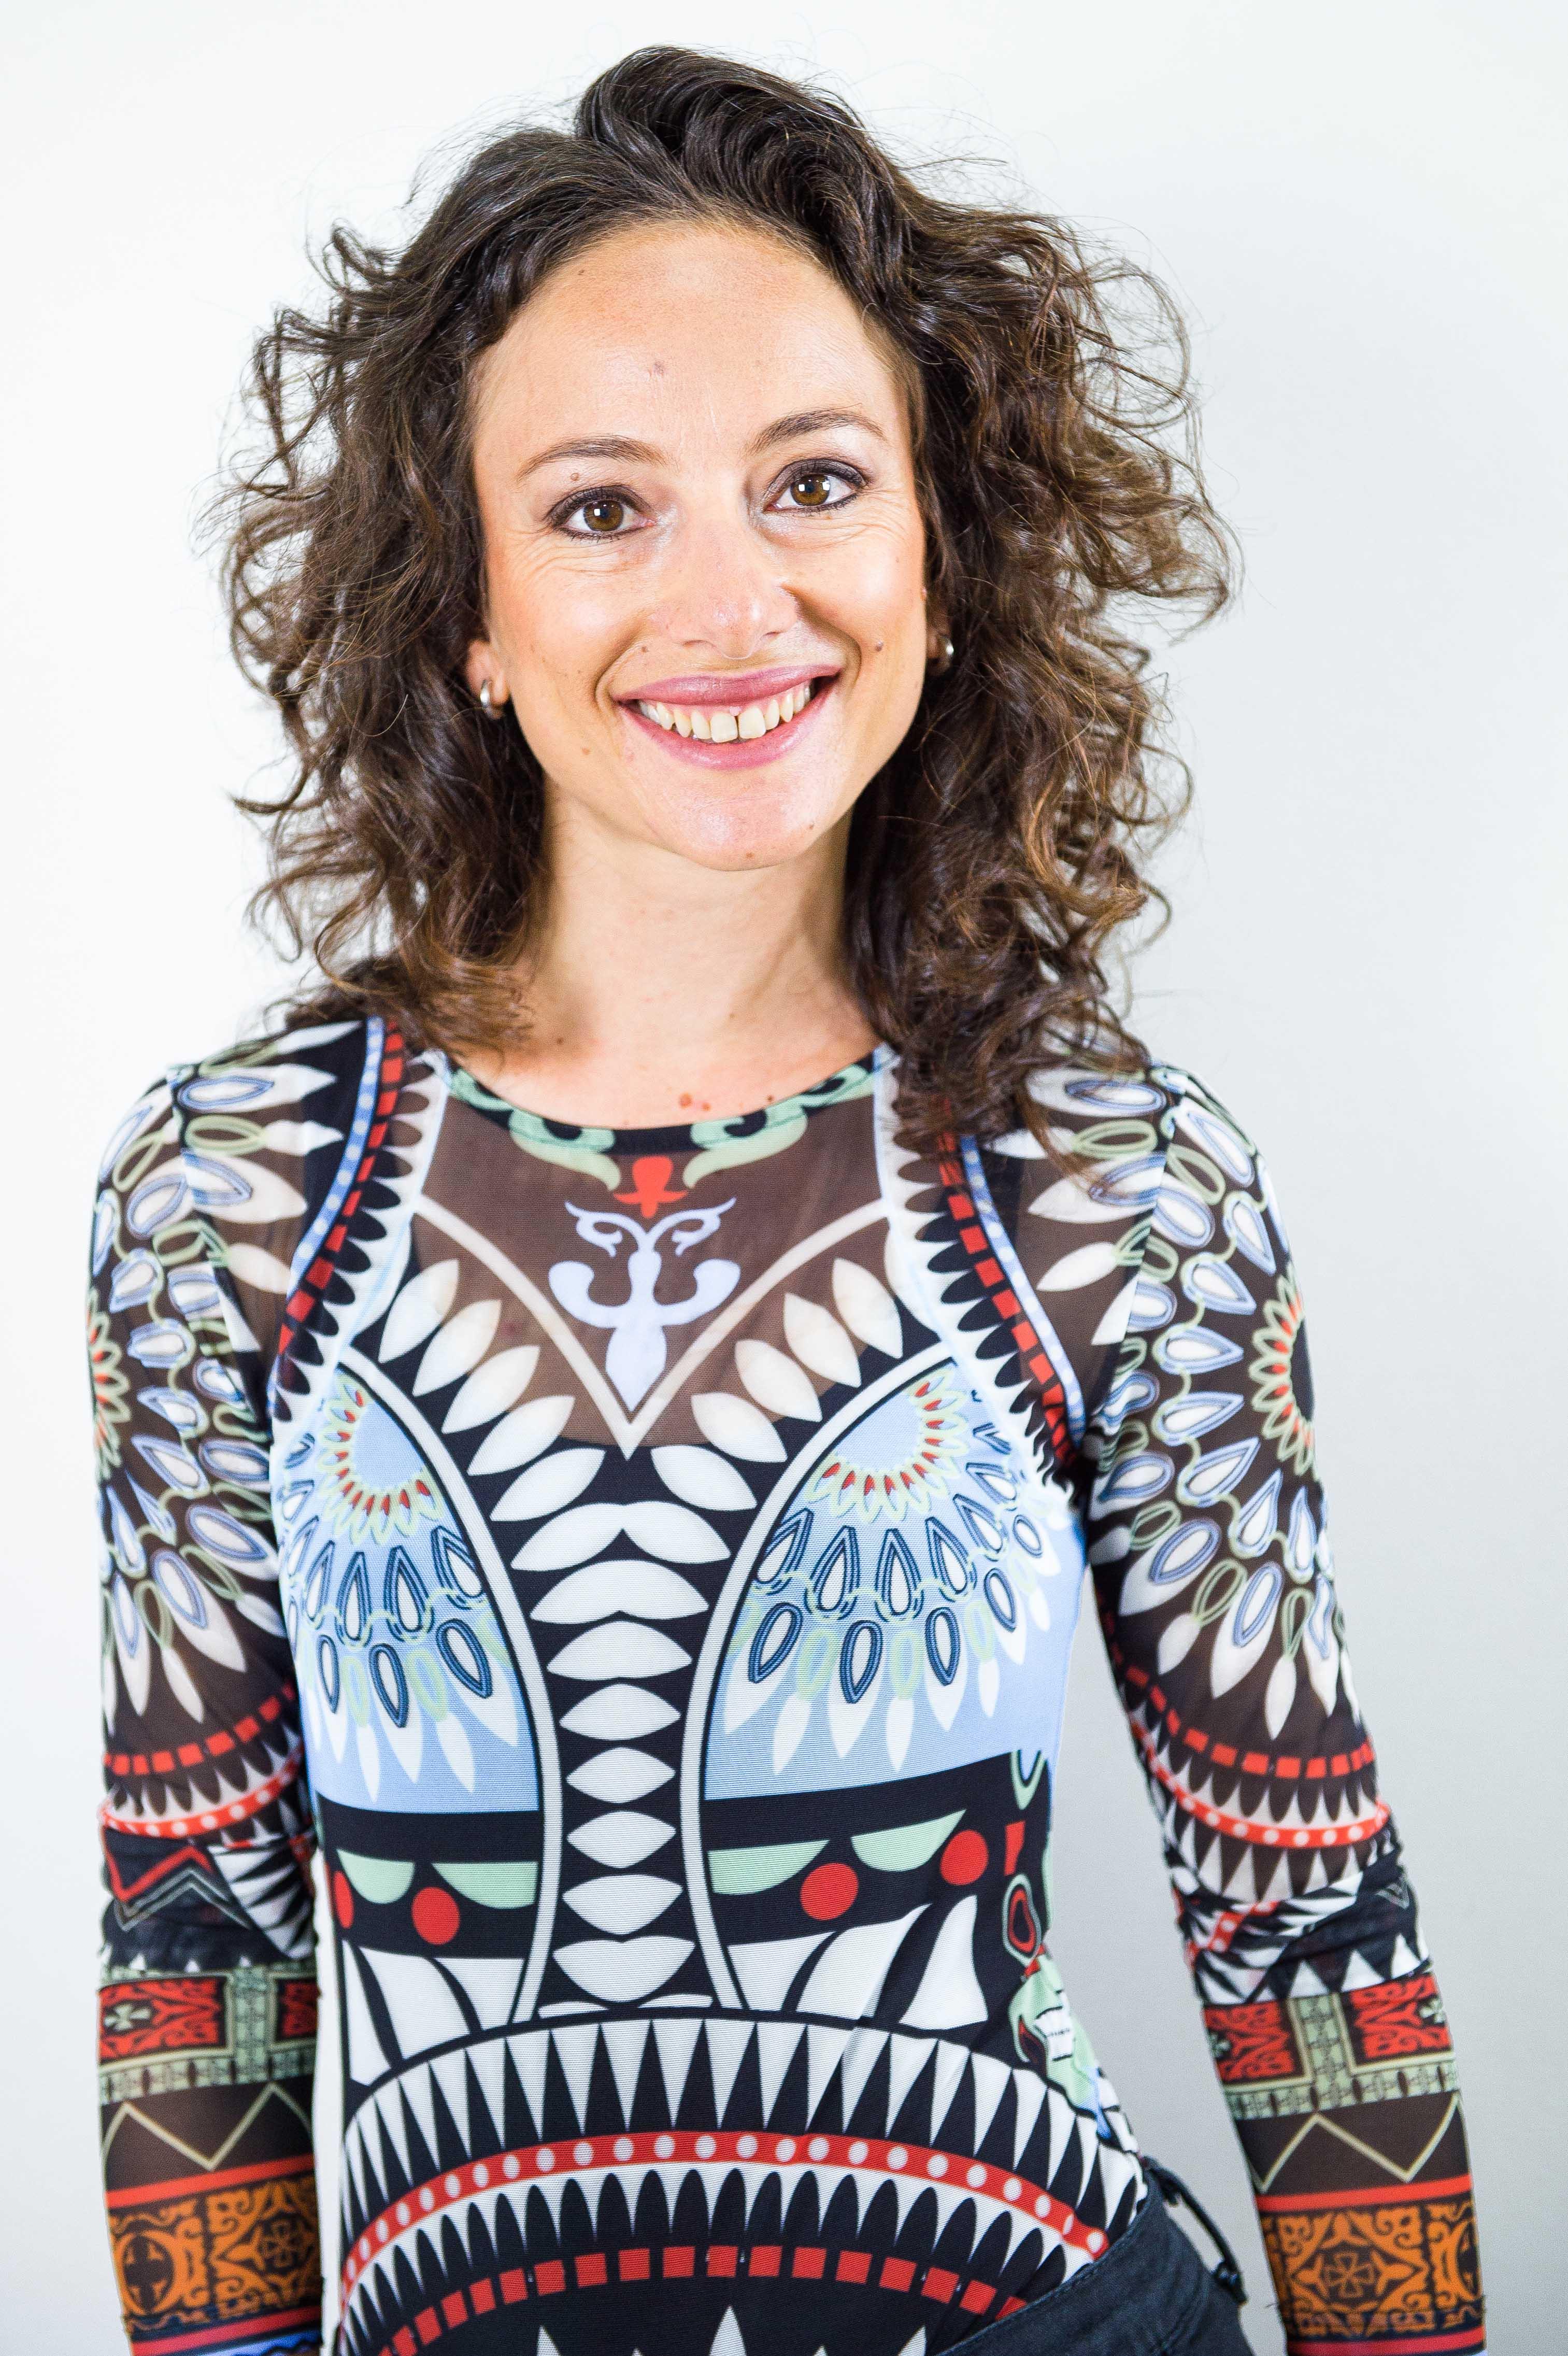 Lourdes Muscat